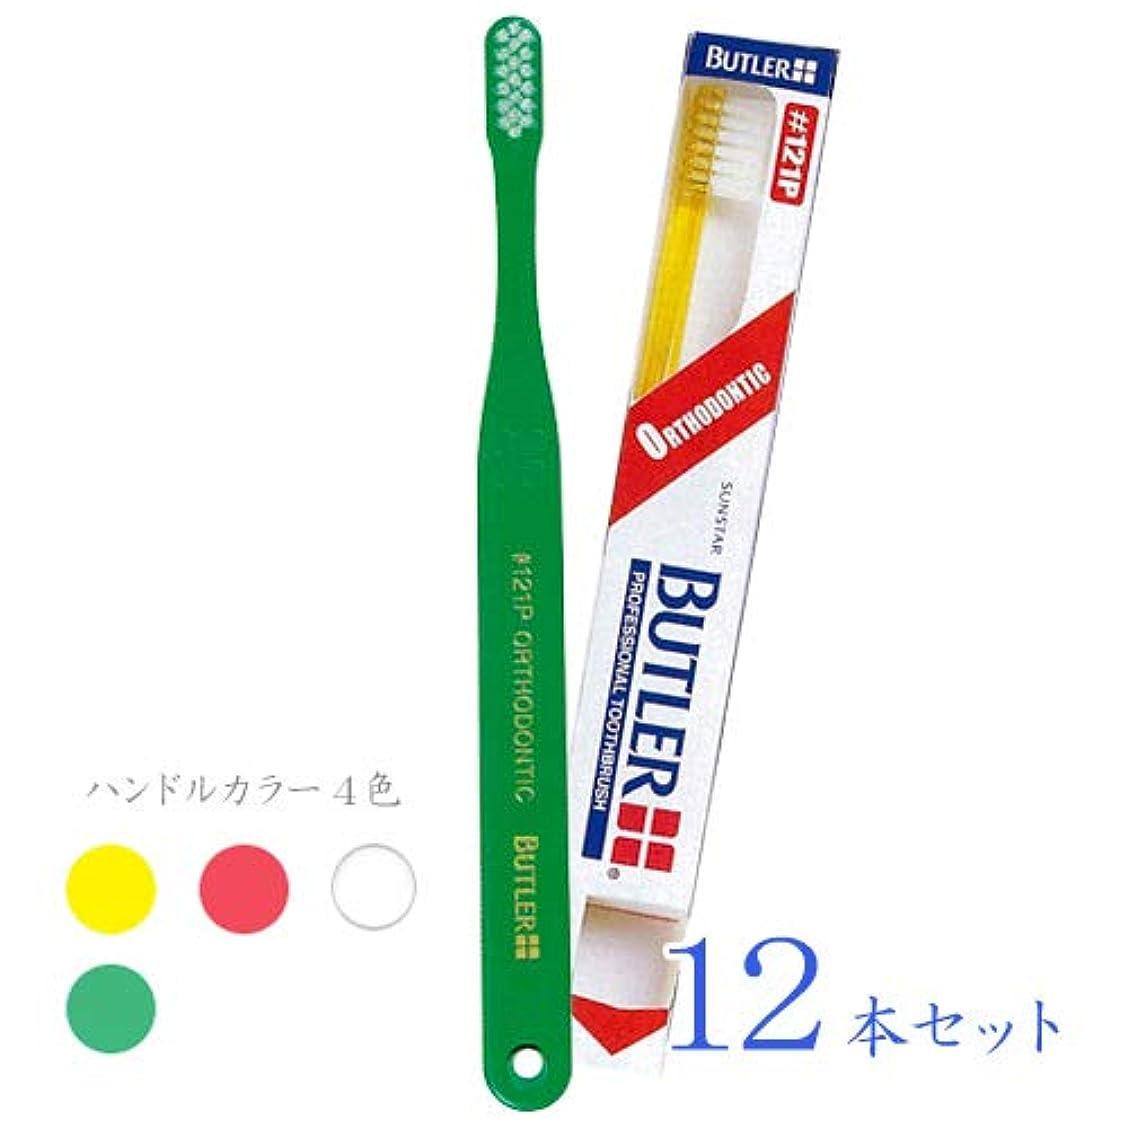 絶望的な資料激しいバトラー 歯ブラシ #121P 12本入